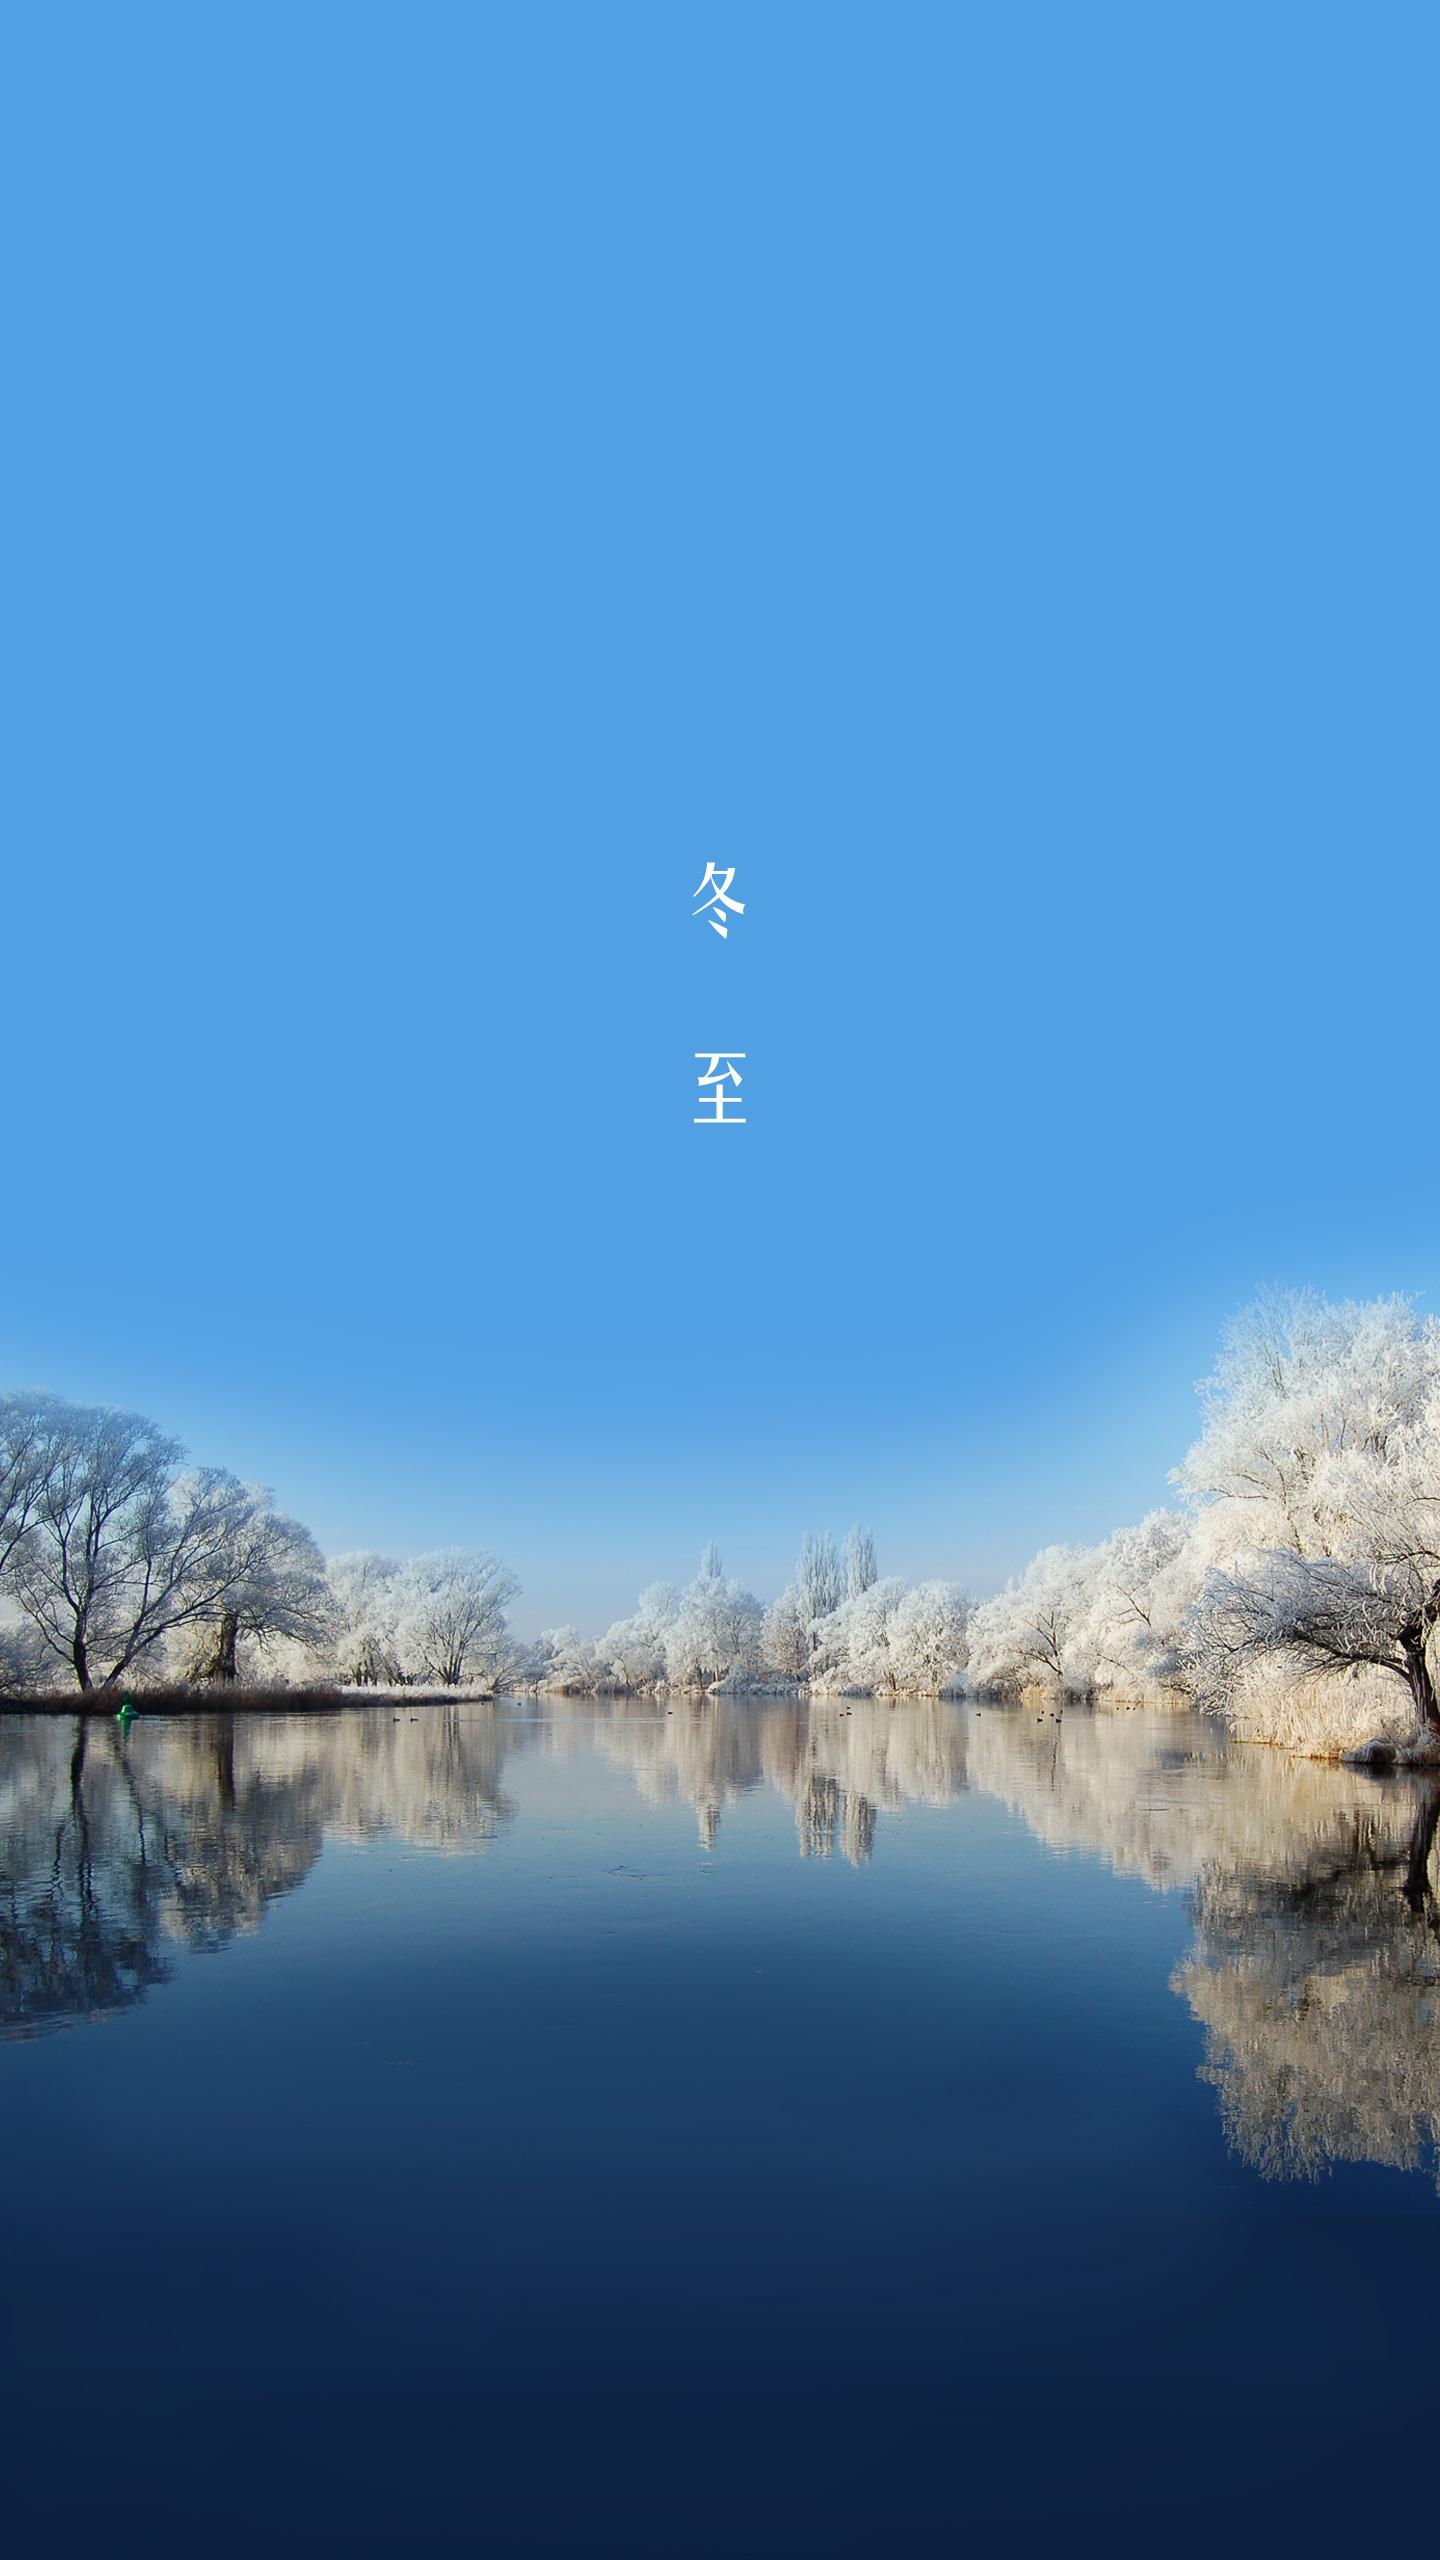 壁紙 風景 攝影 桌面 1440_2560 豎版 豎屏 手機